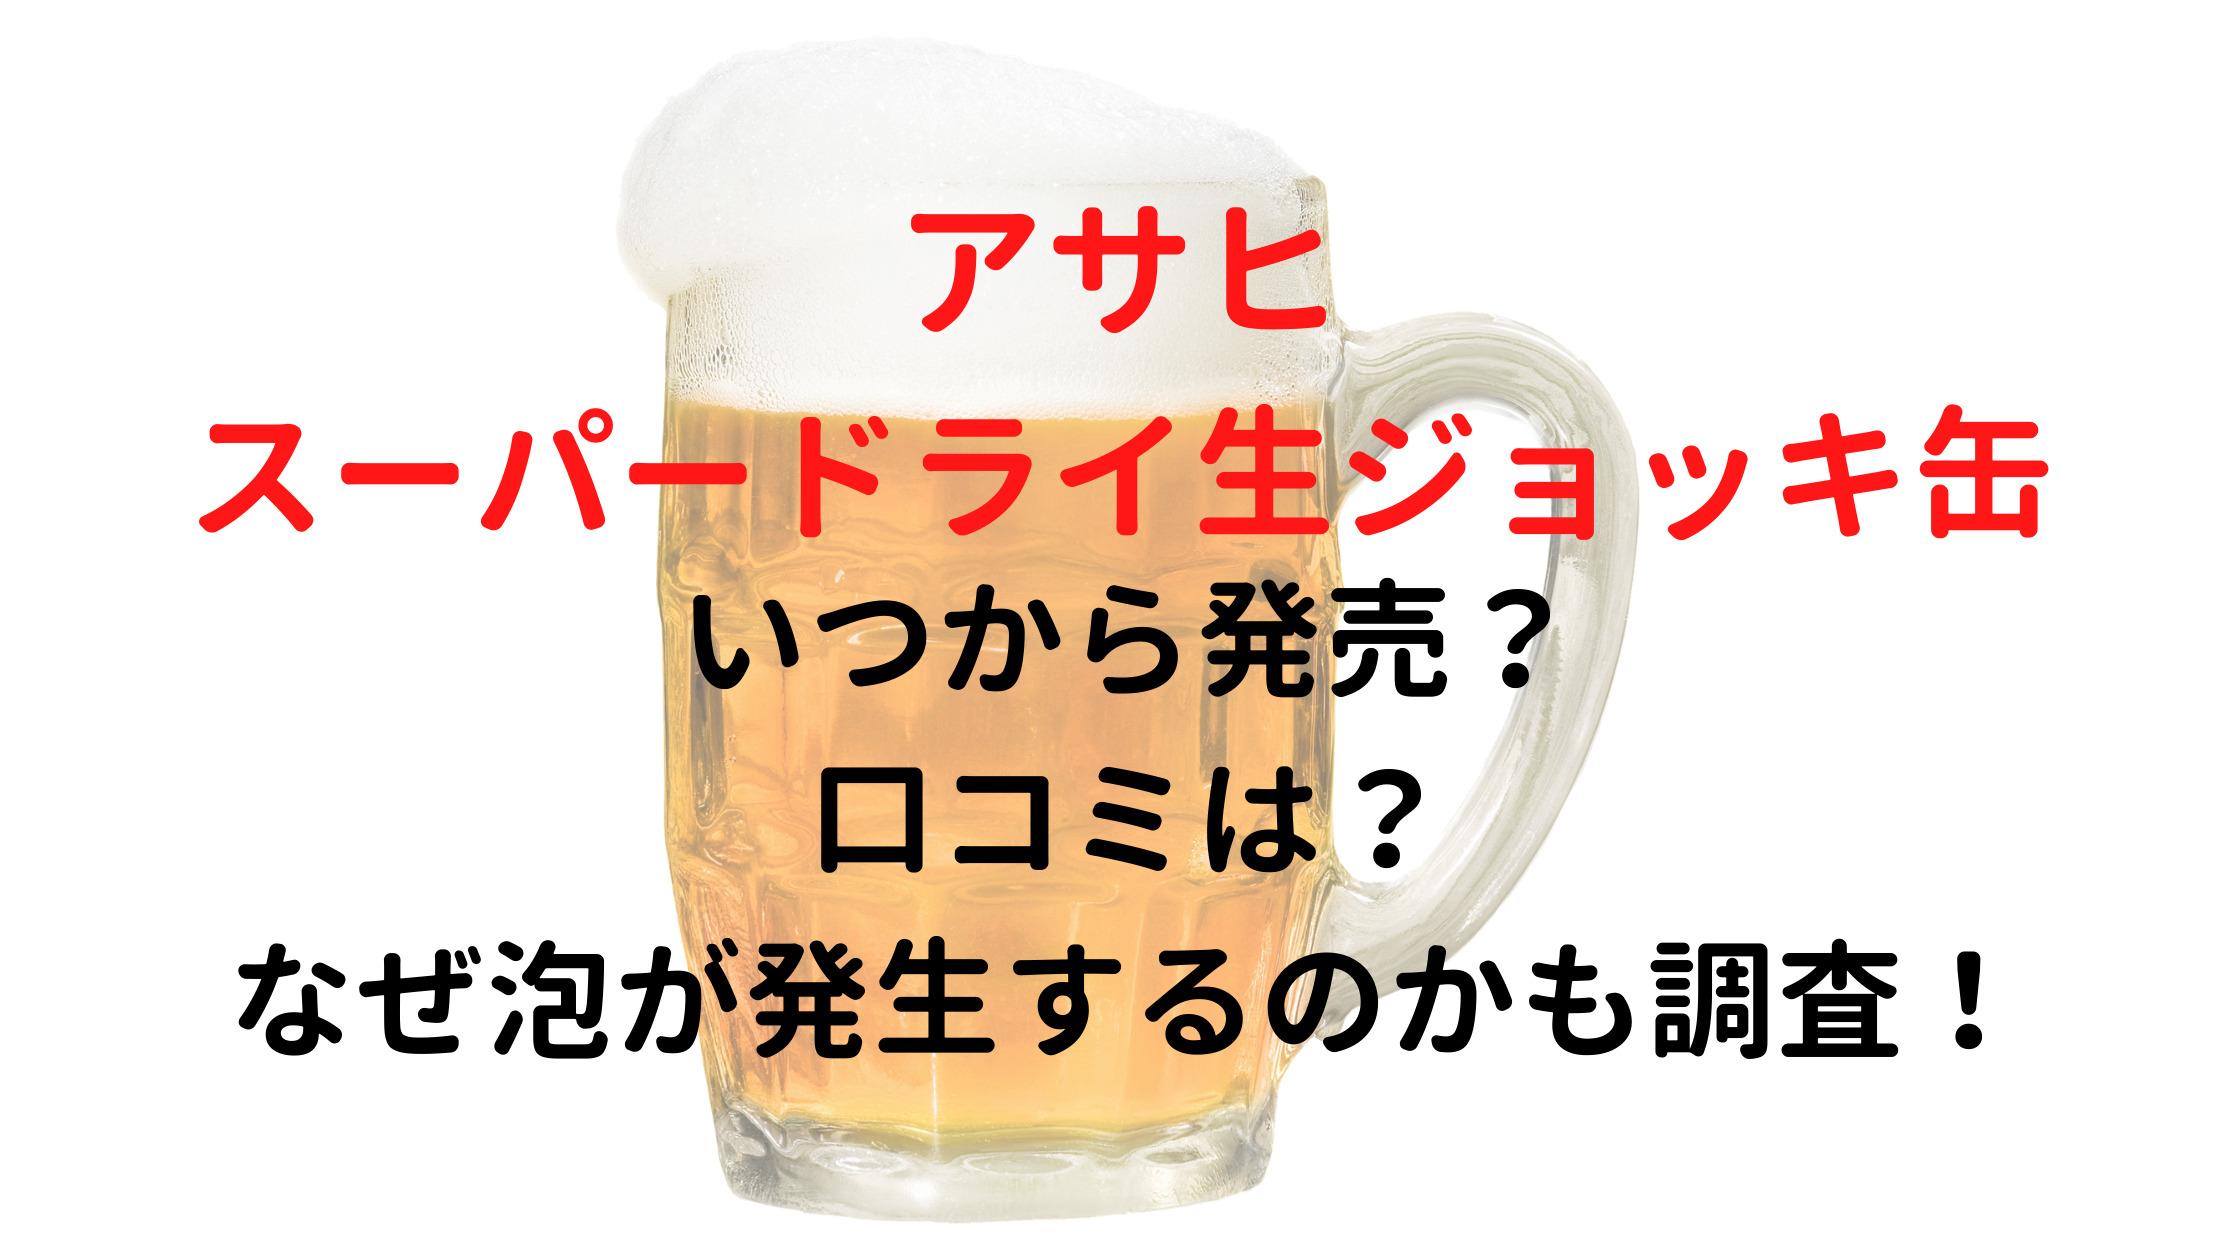 スーパードライ生ジョッキ缶の画像